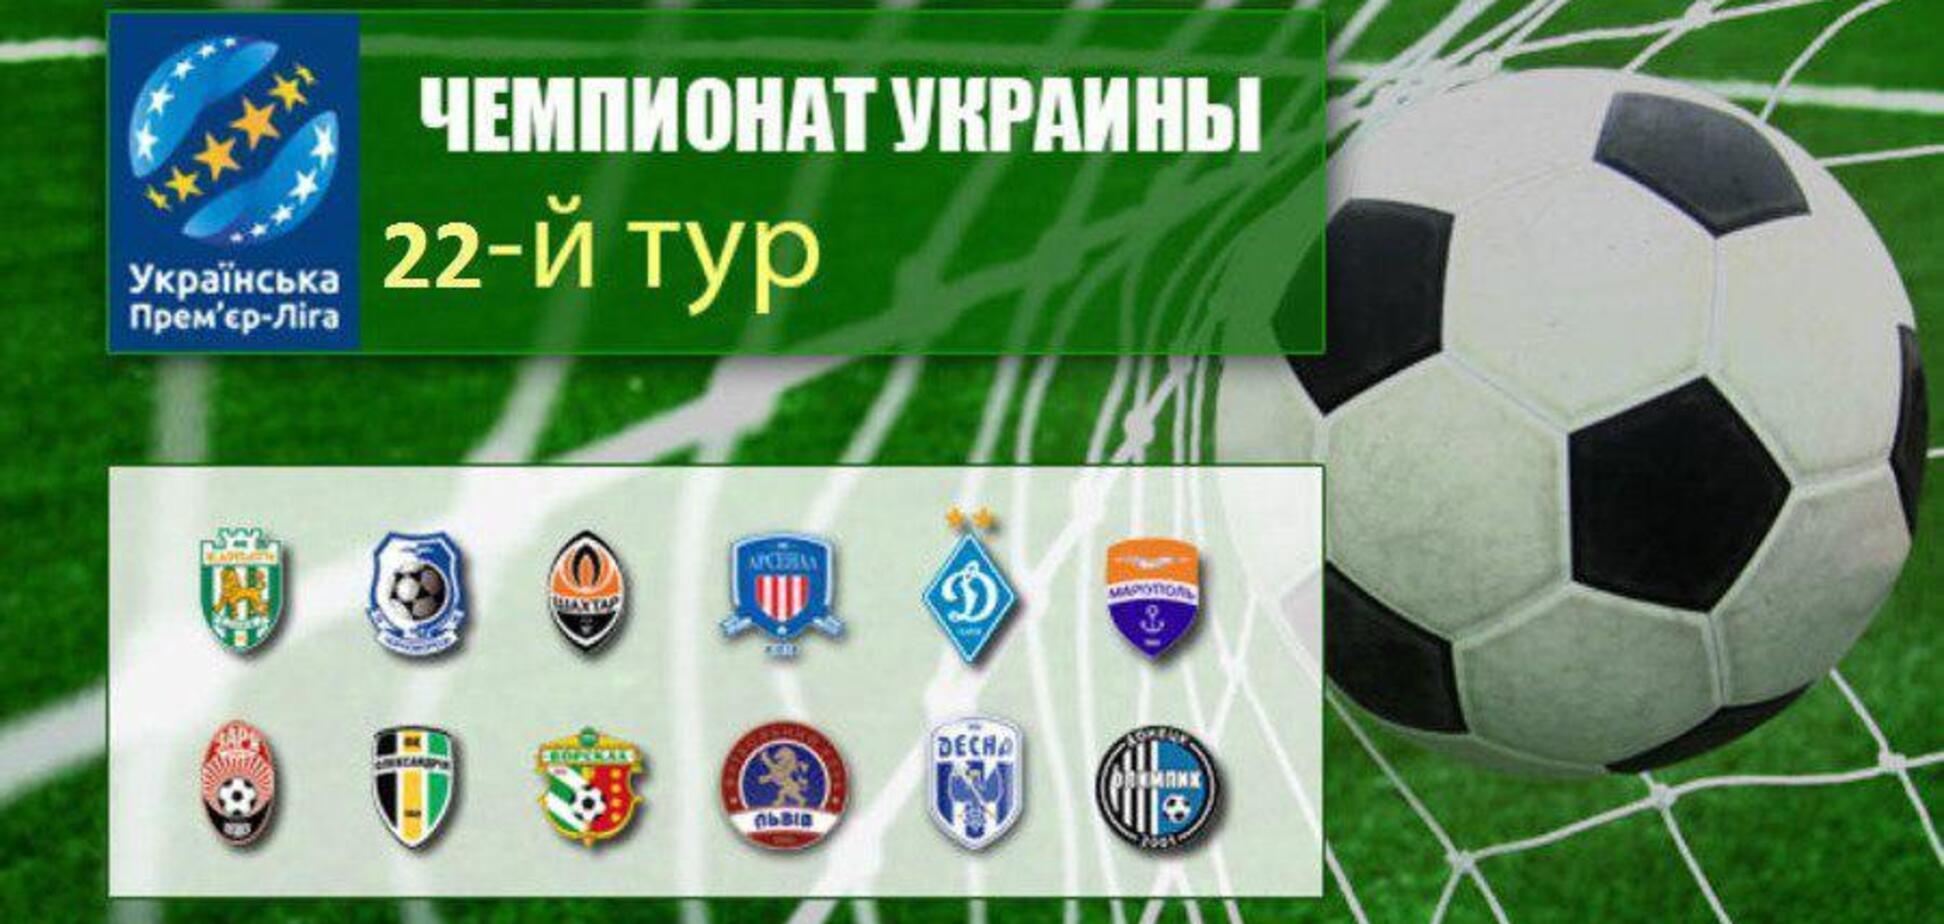 22-й тур чемпионата Украины по футболу: результаты, обзоры, таблица